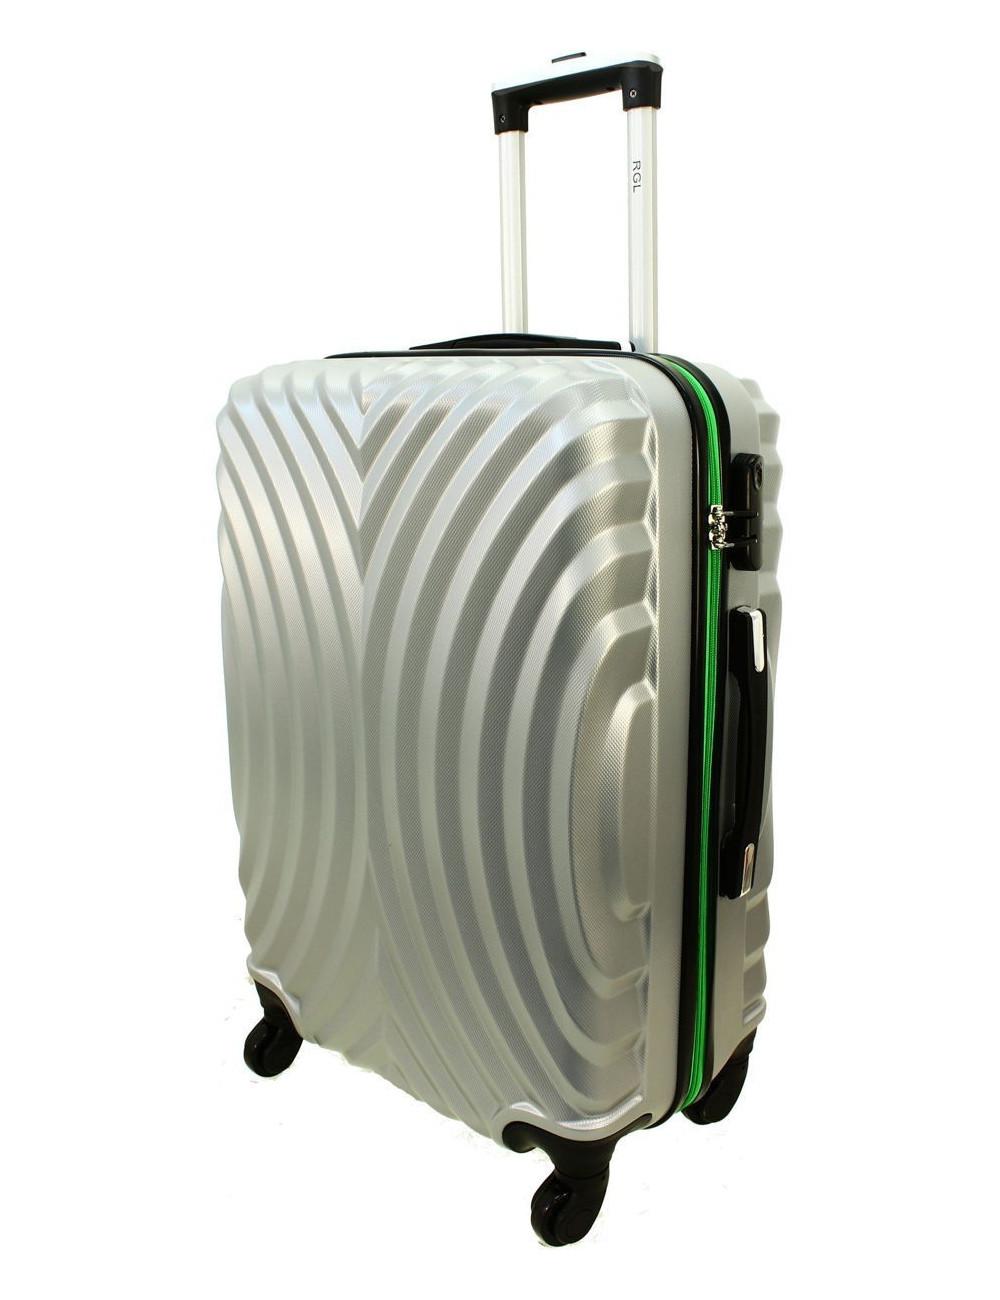 Duża walizka podróżna na kółkach 760 XXL - Srebrno-Zielony